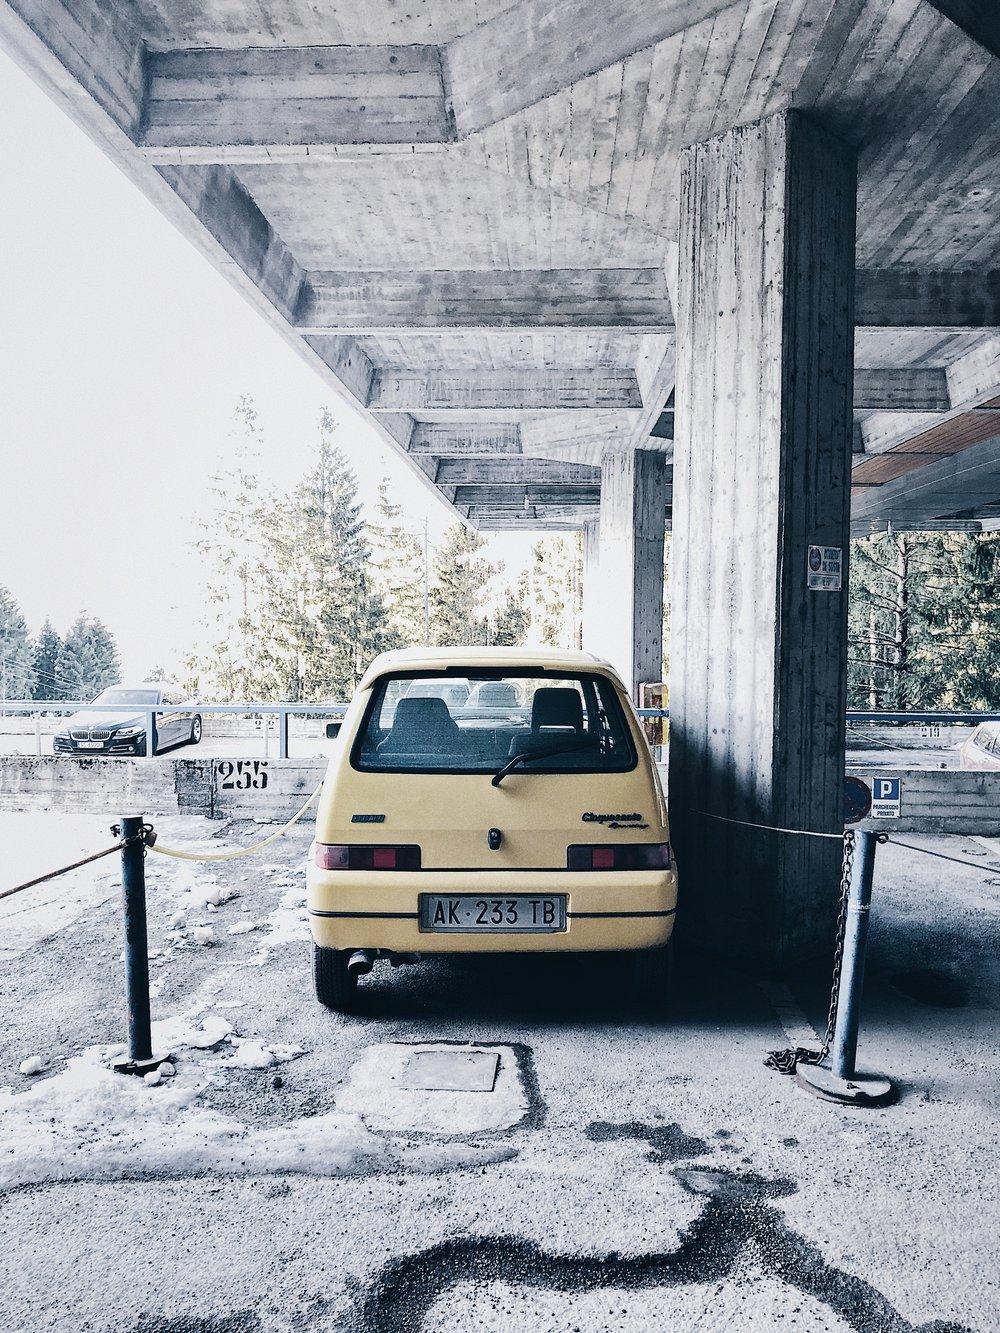 Przepiękny parking w Marileva 1400 i żółty cienias